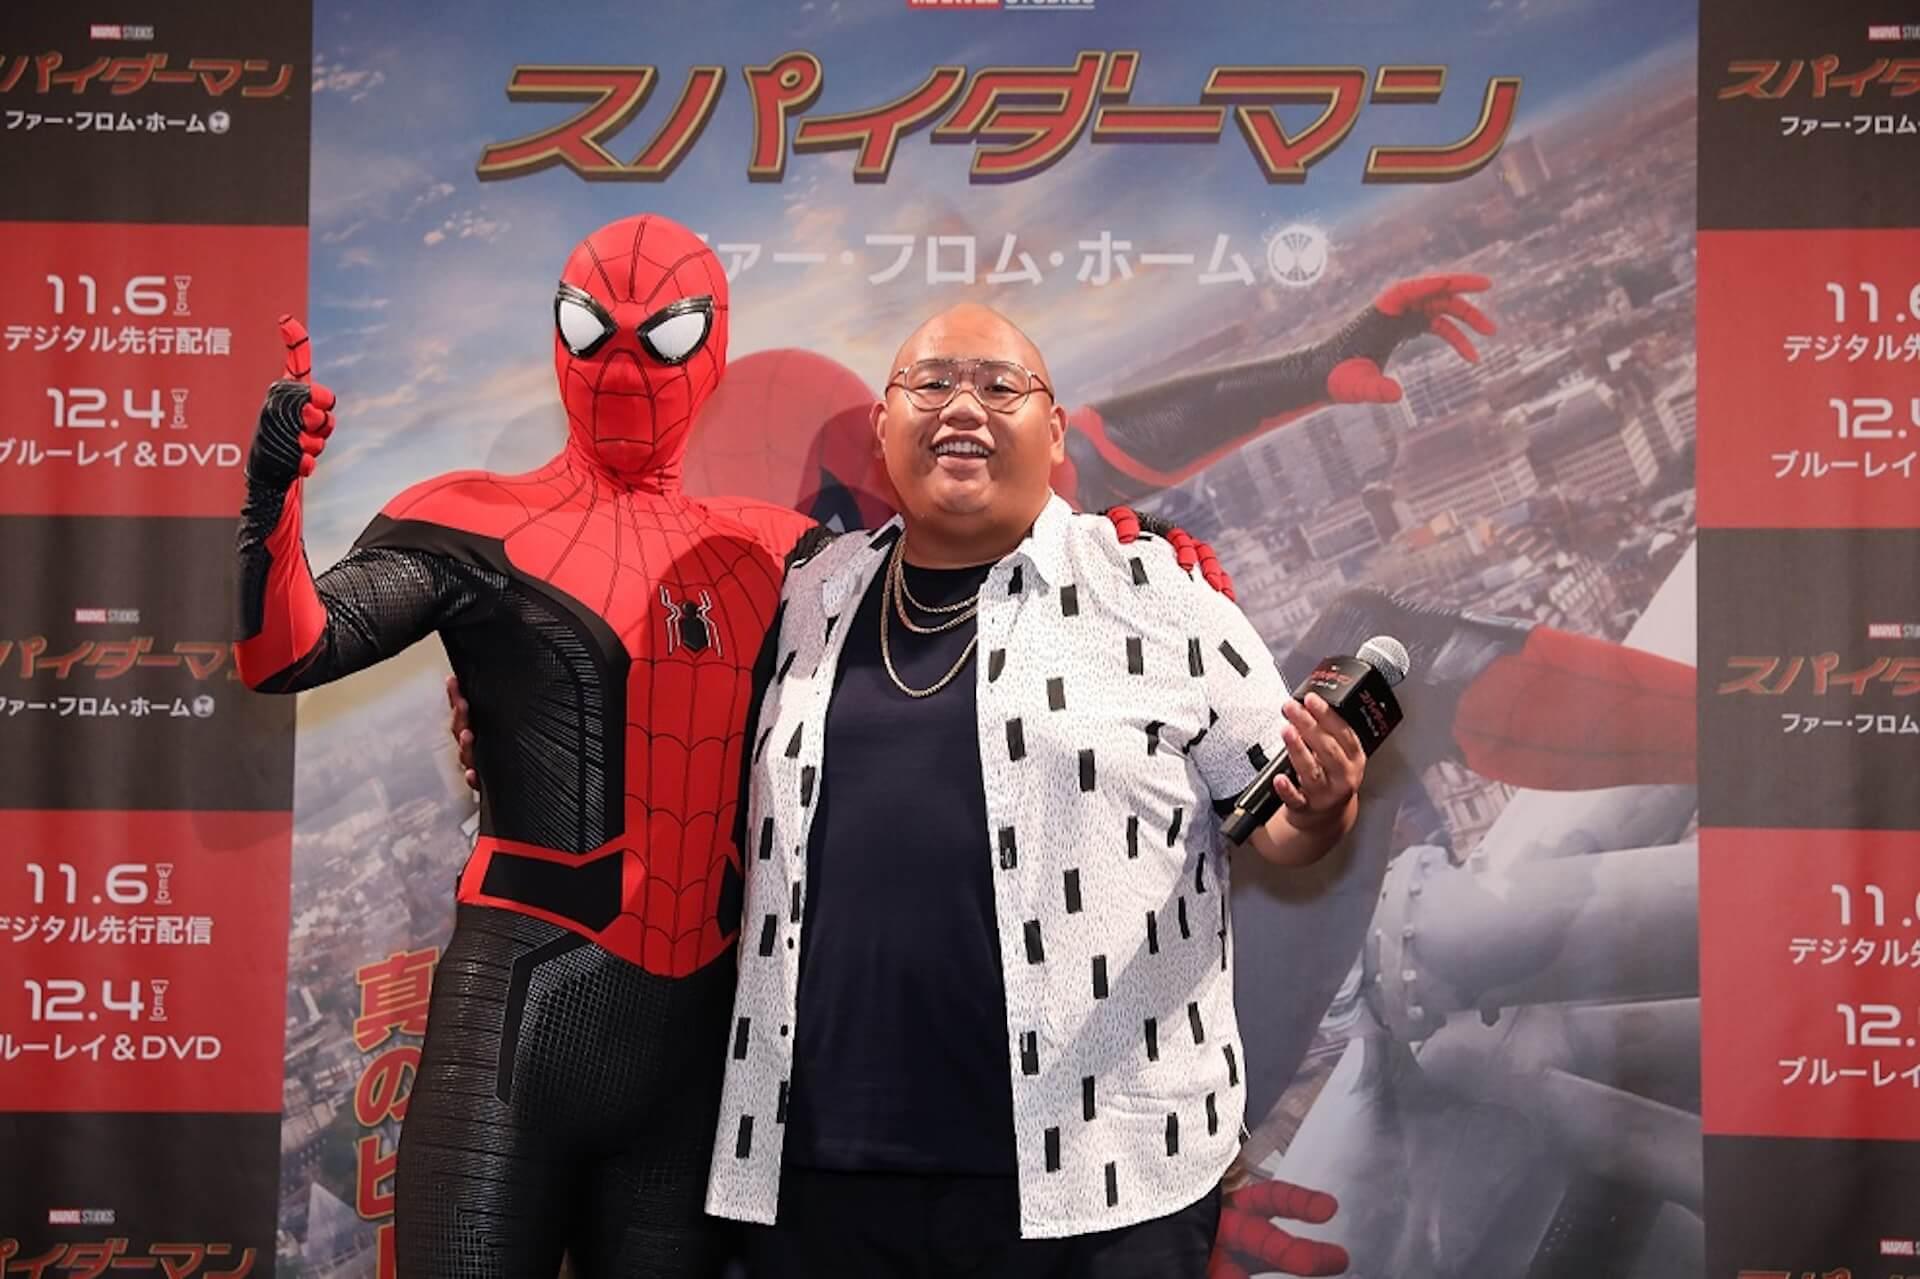 「スパイダーマン」の親友、ジェイコブ・バタロンが初来日!宇垣美里と鏡開きでテンションMAX film190917_sffh_jacob_6